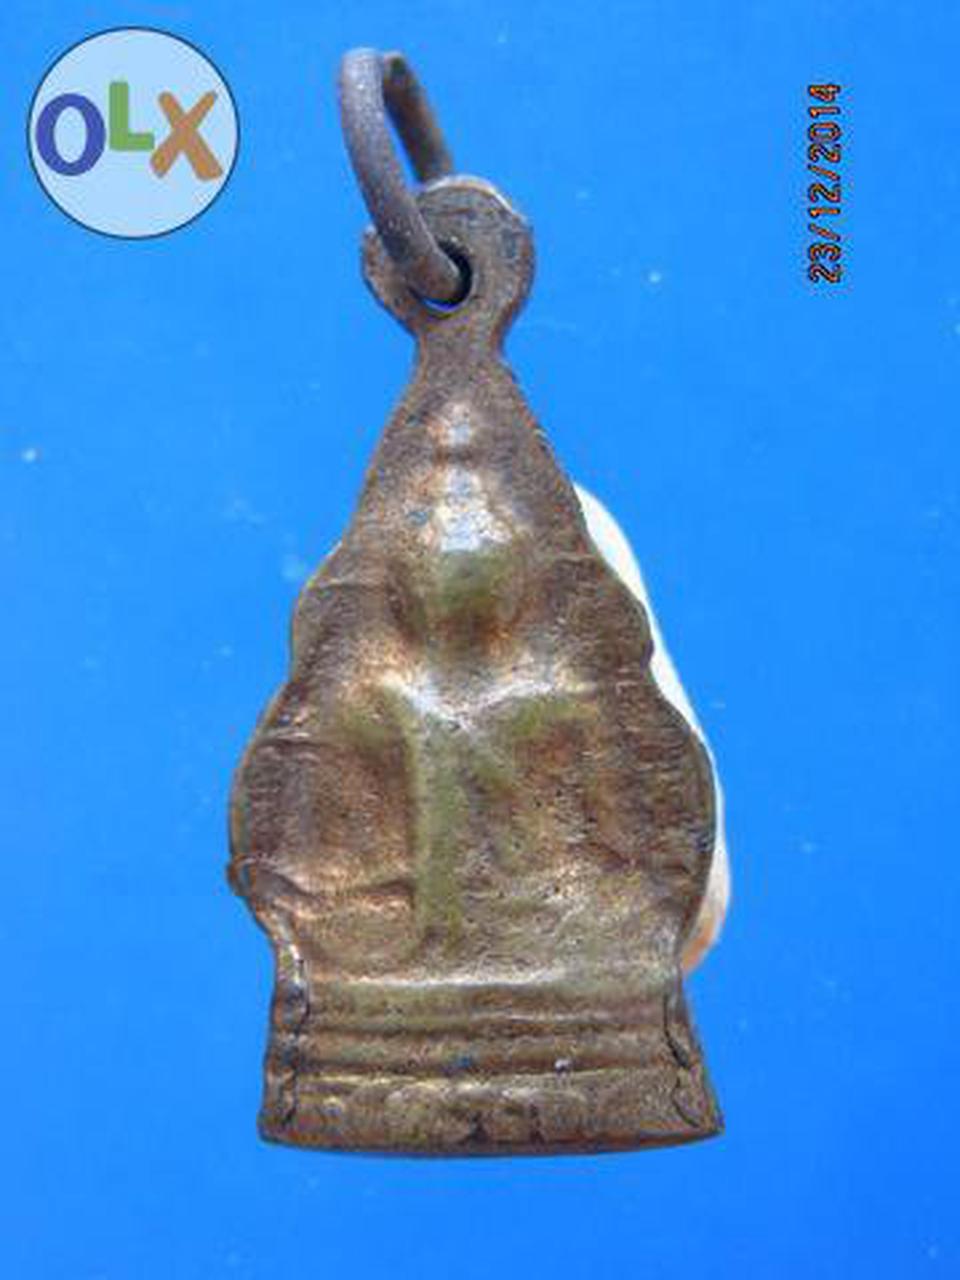 925 หล่อปั้มพระพุทธชินราช กริ่งเล็ก วัดใหญ่ ปี 2500 รูปที่ 2